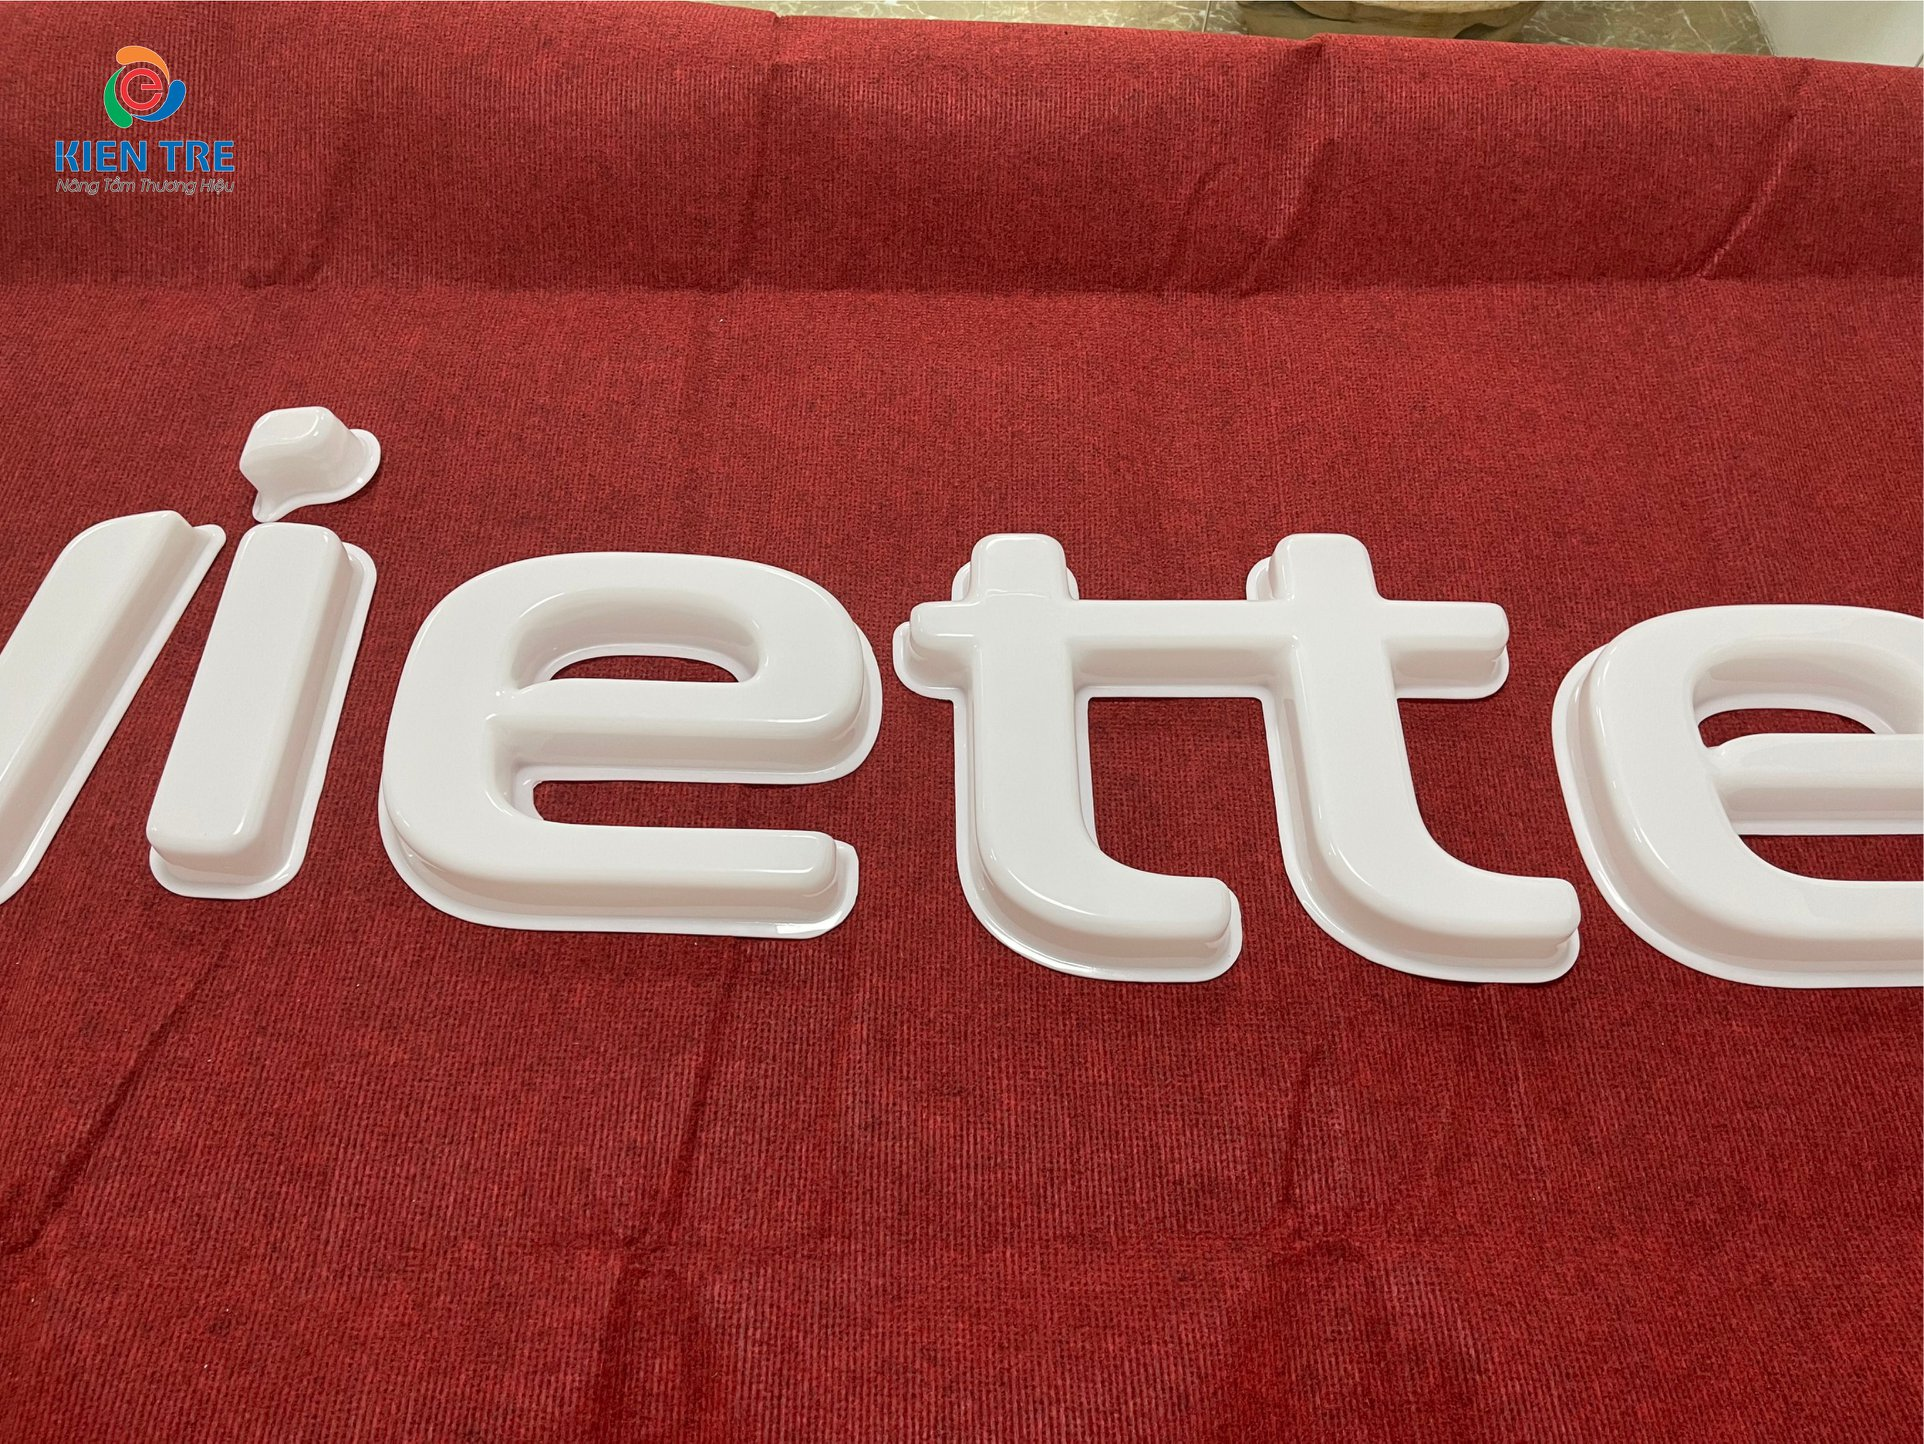 Logo viettel hút nổi, mặt mica trắng sữa Đài Loan dày 3mm đủ, hút nổi cao 53mm, không nhăn cạnh, nhăn góc